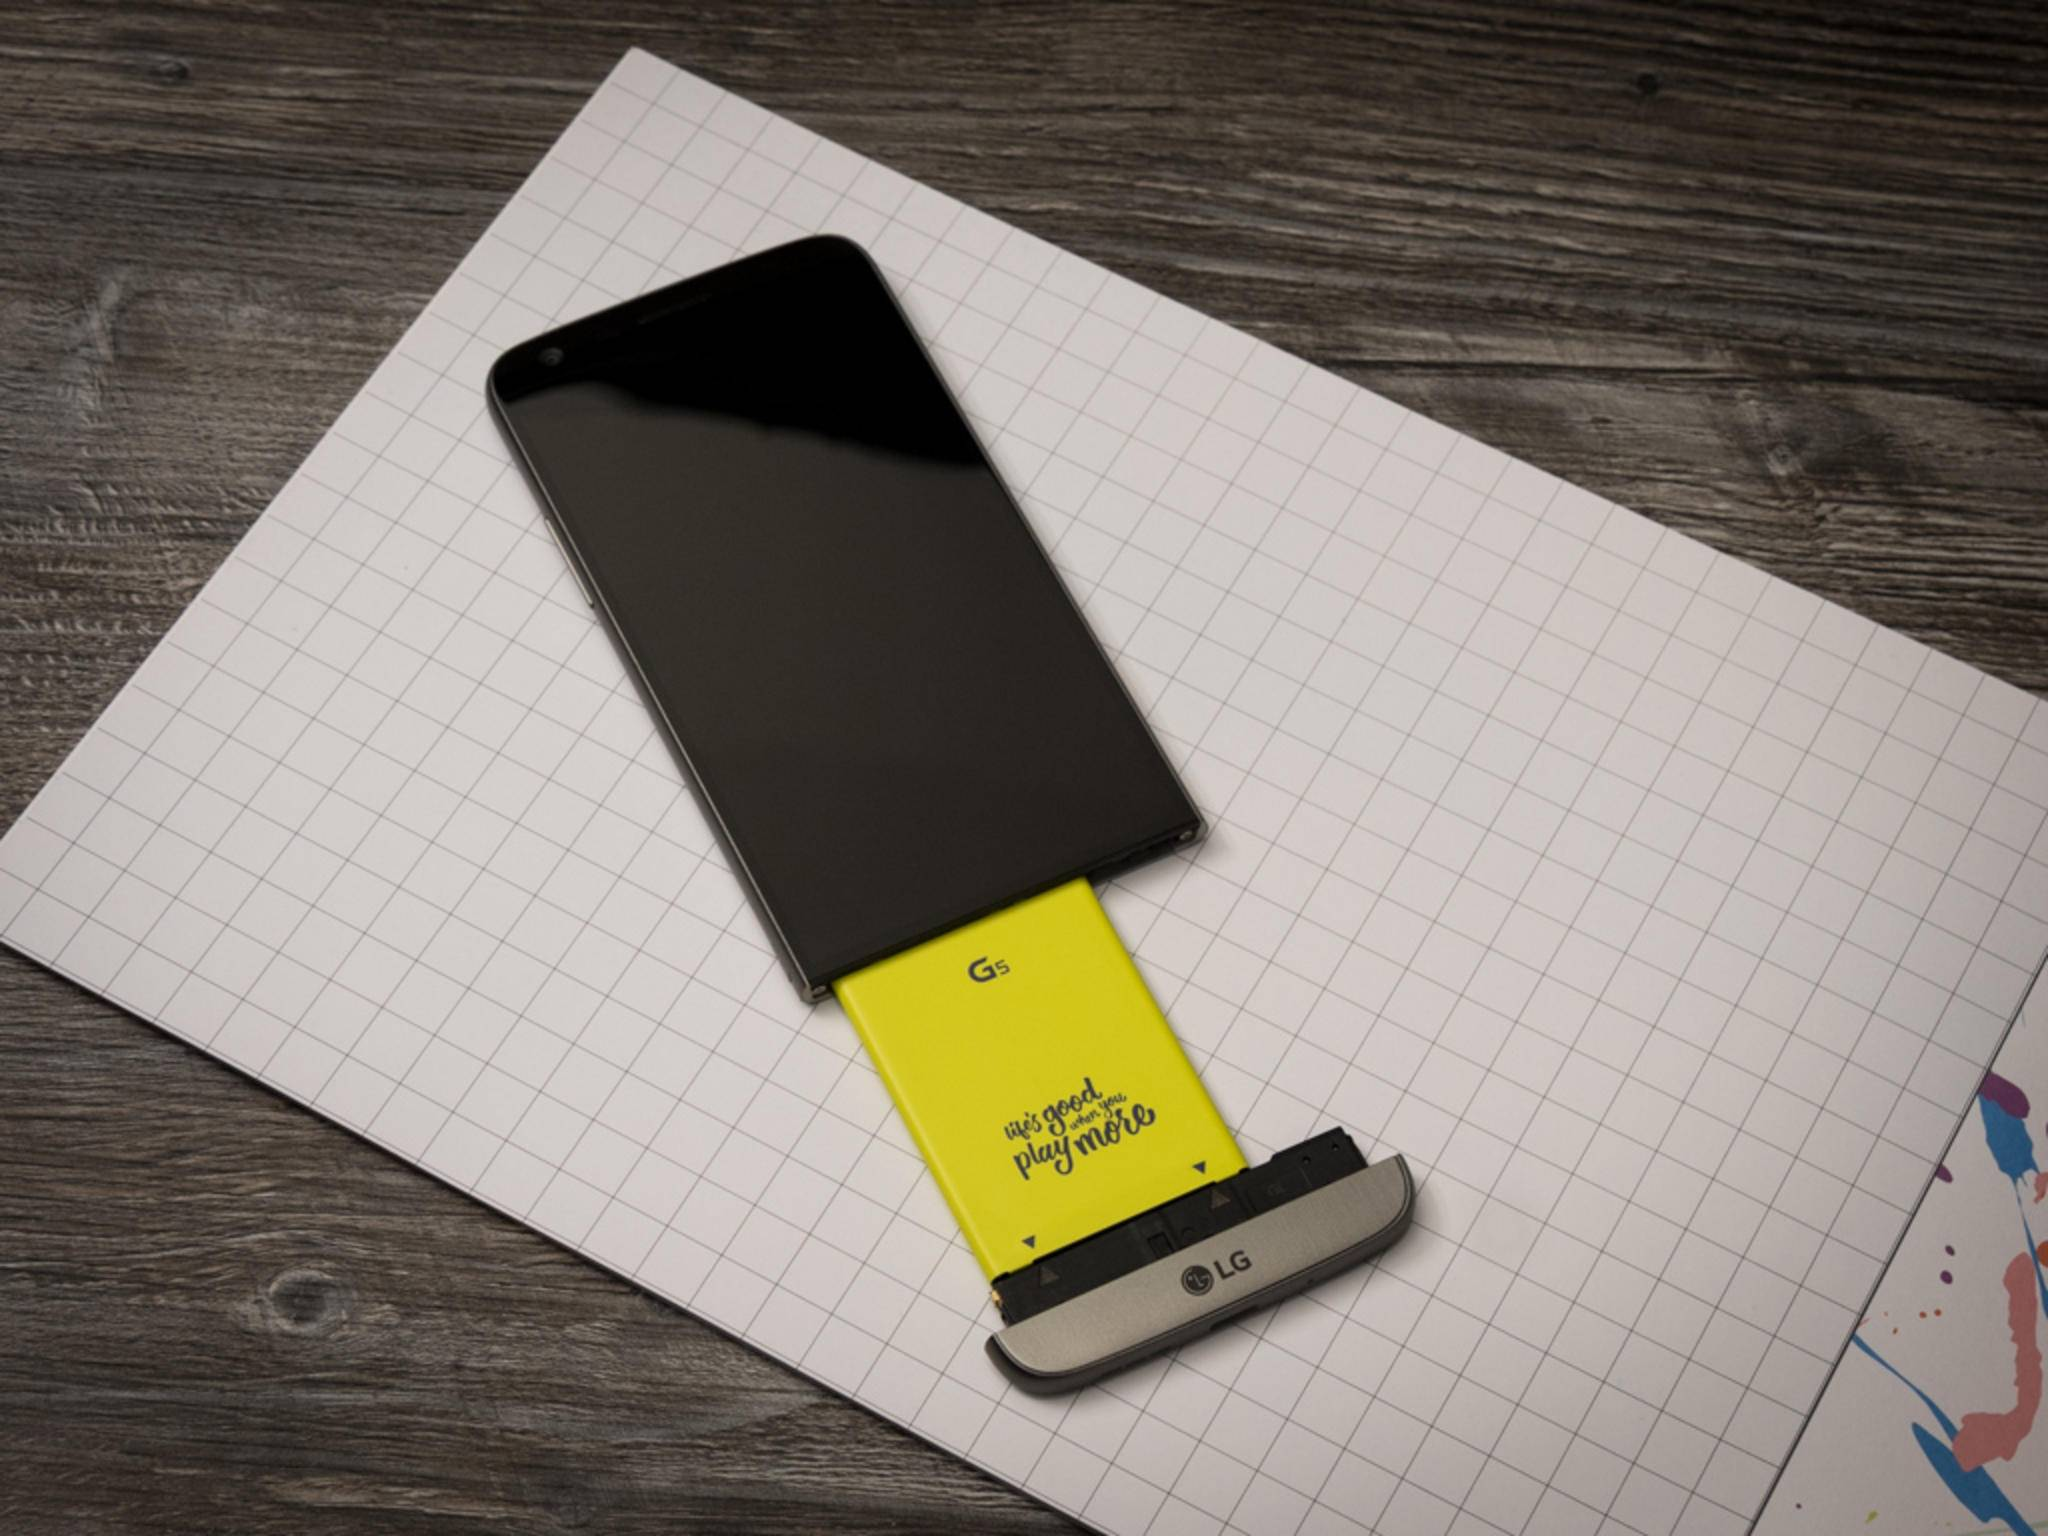 Wie das LG G5 soll auch das LG G6 wieder einen austauschbaren Akku haben.